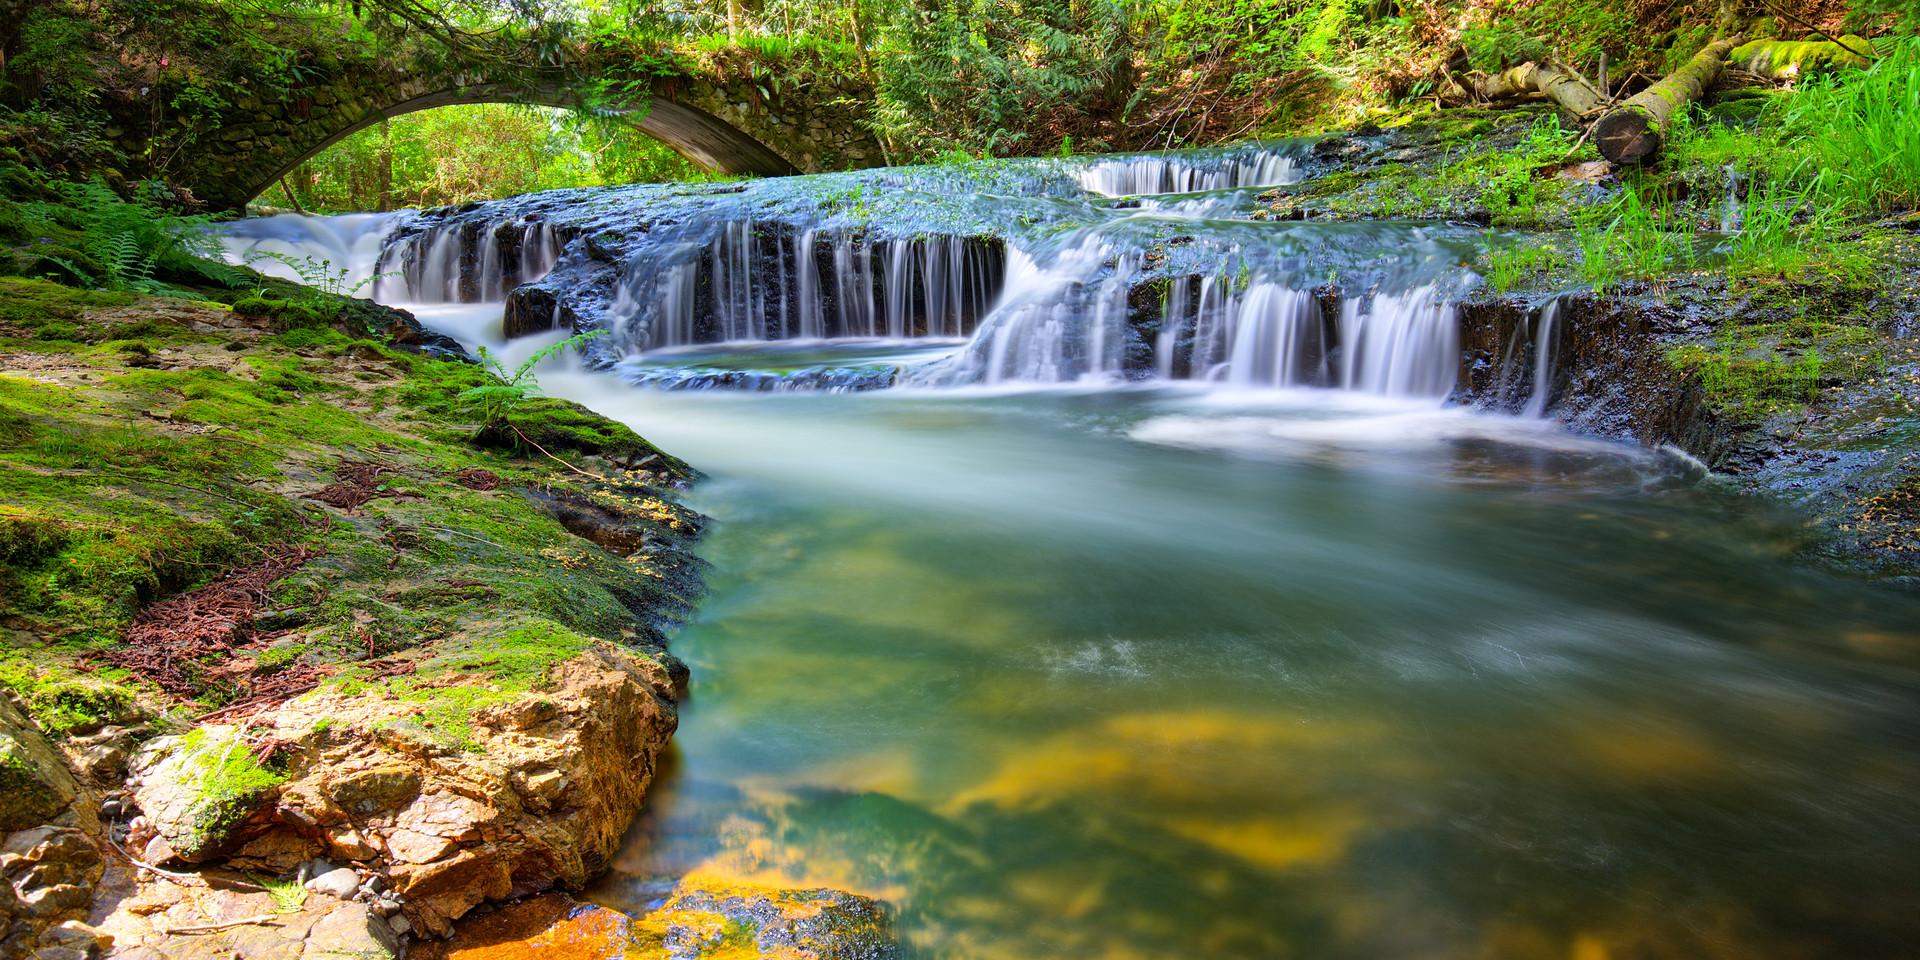 Shawnigan Falls